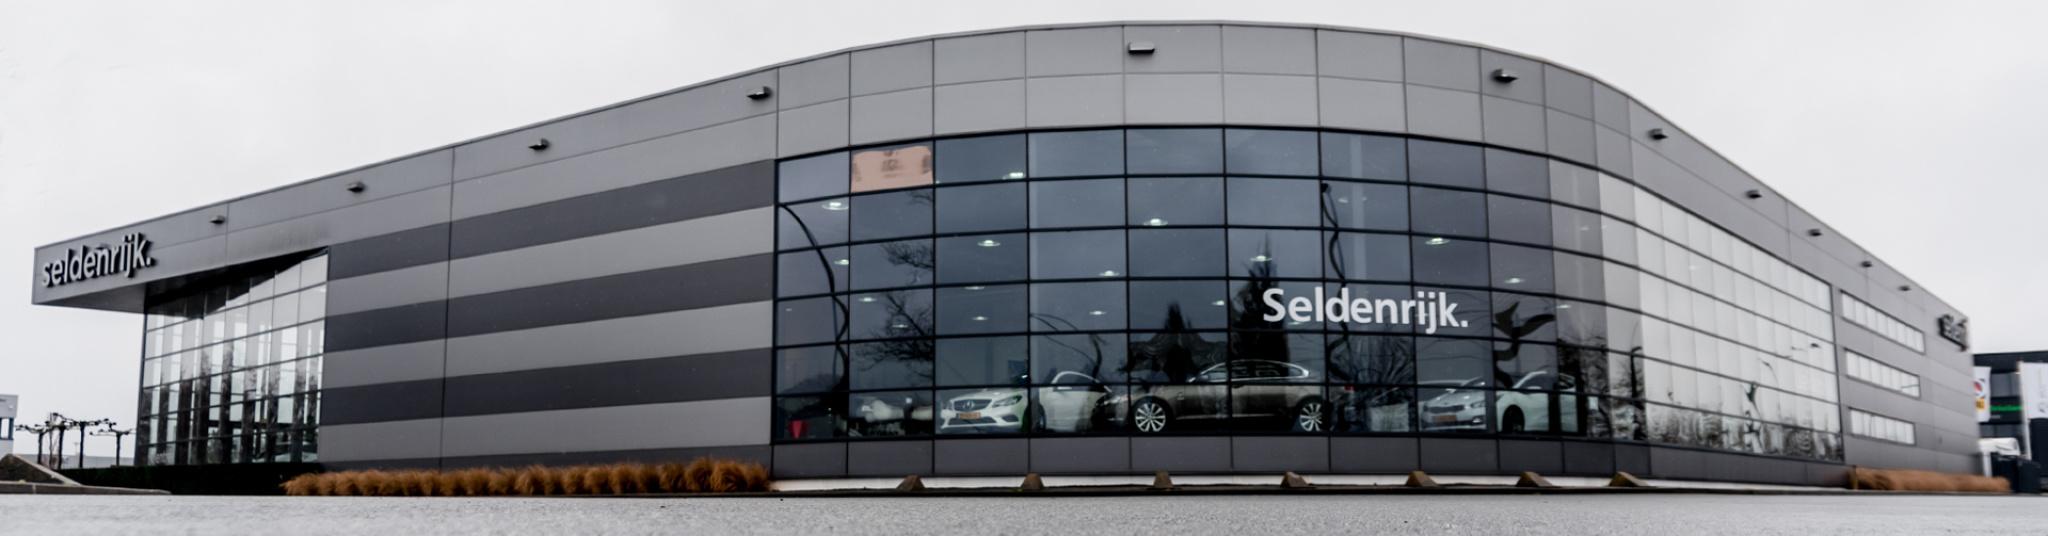 Welkom op de nieuwe website van Seldenrijk!-2021-06-11 15:20:44